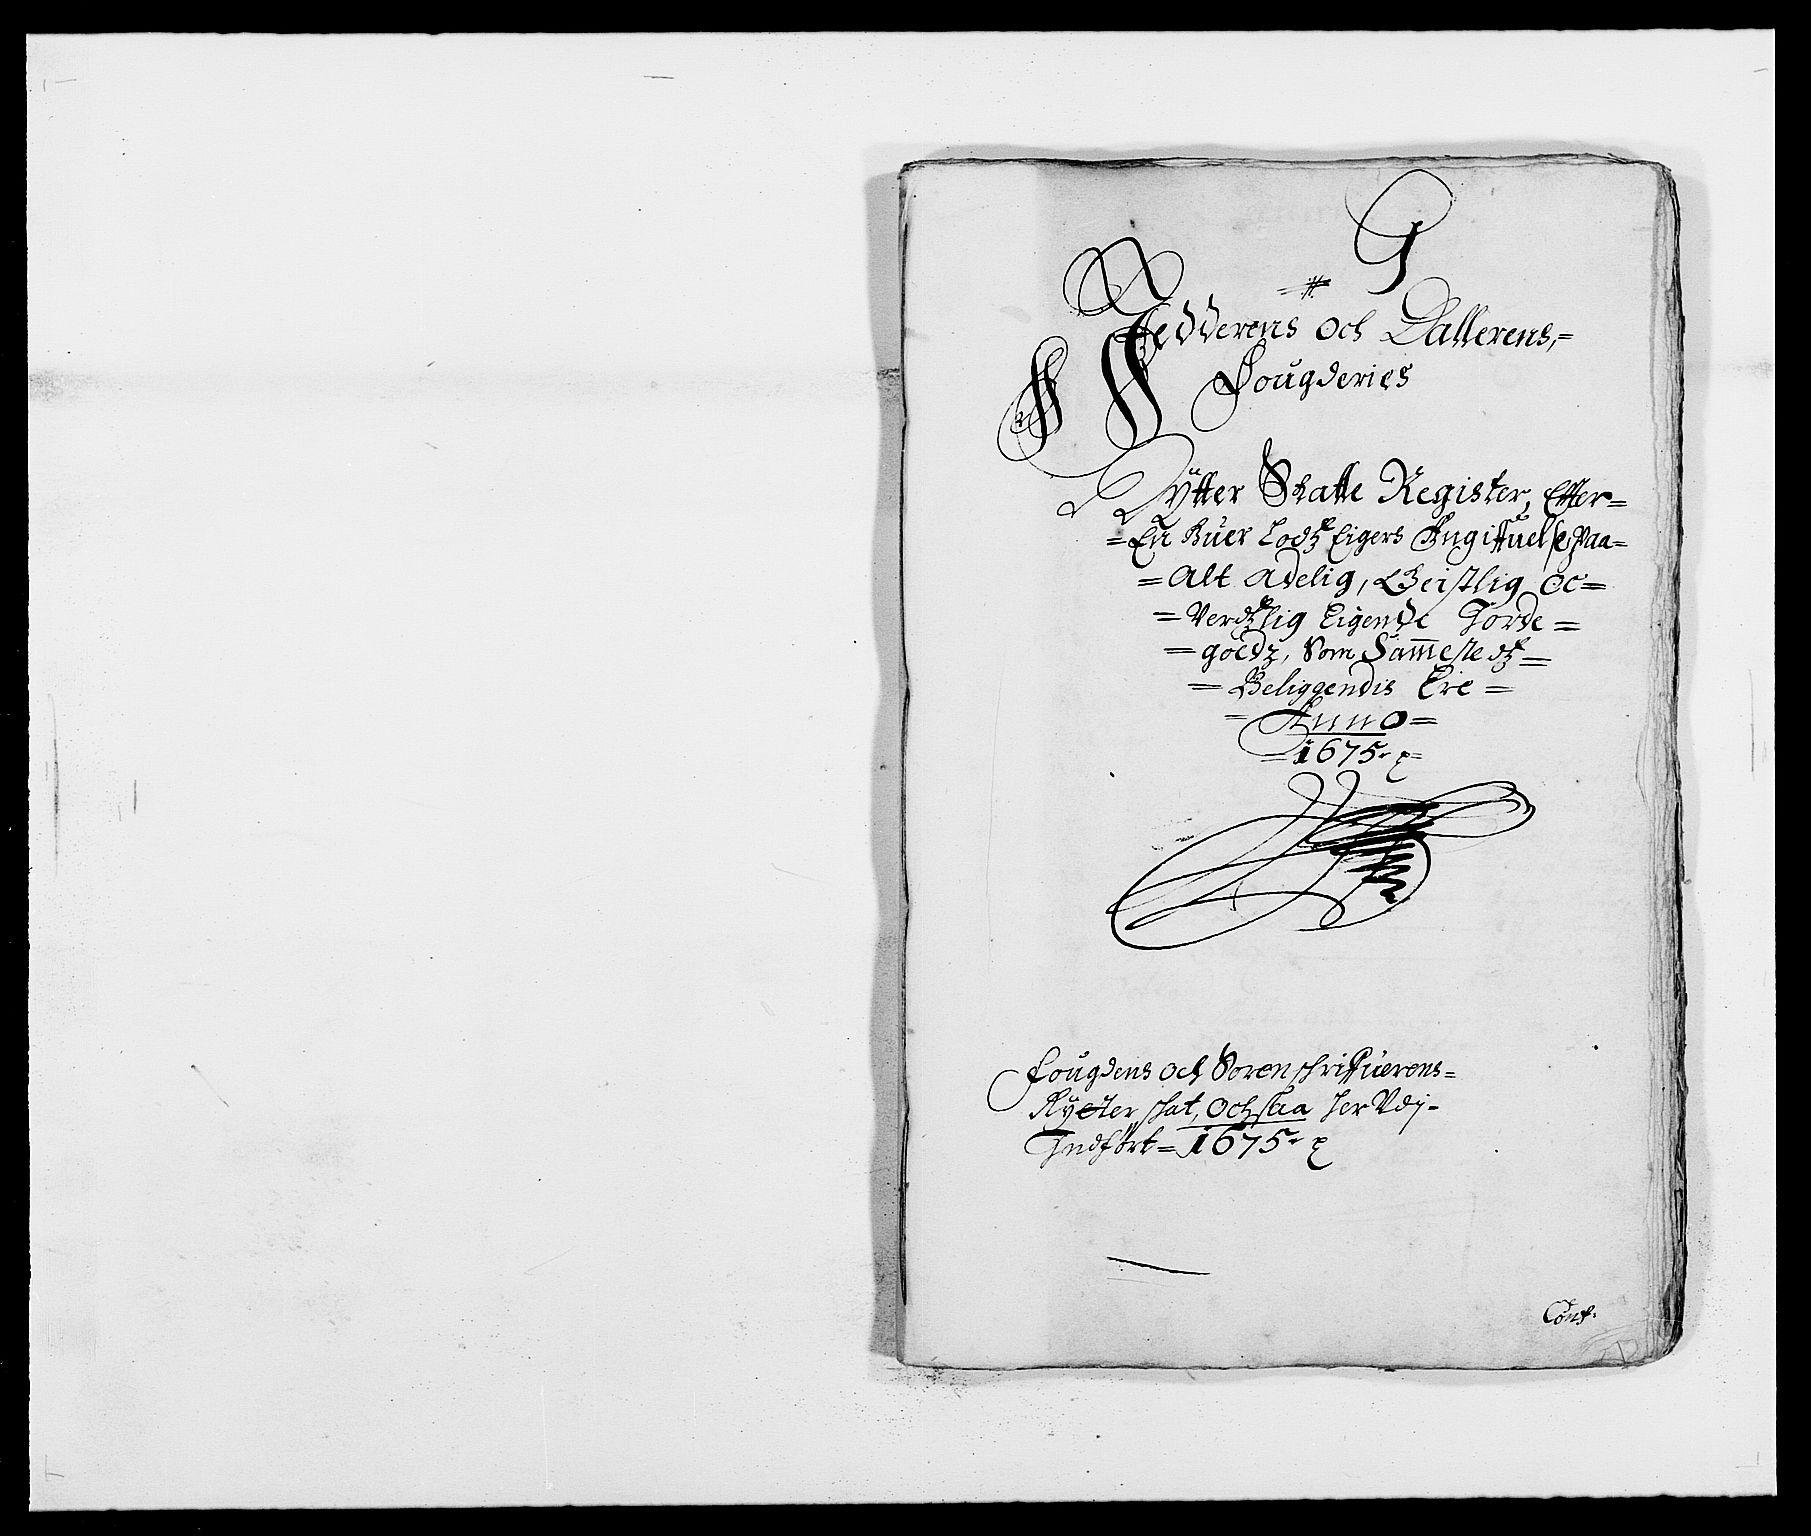 RA, Rentekammeret inntil 1814, Reviderte regnskaper, Fogderegnskap, R46/L2715: Fogderegnskap Jæren og Dalane, 1675, s. 201